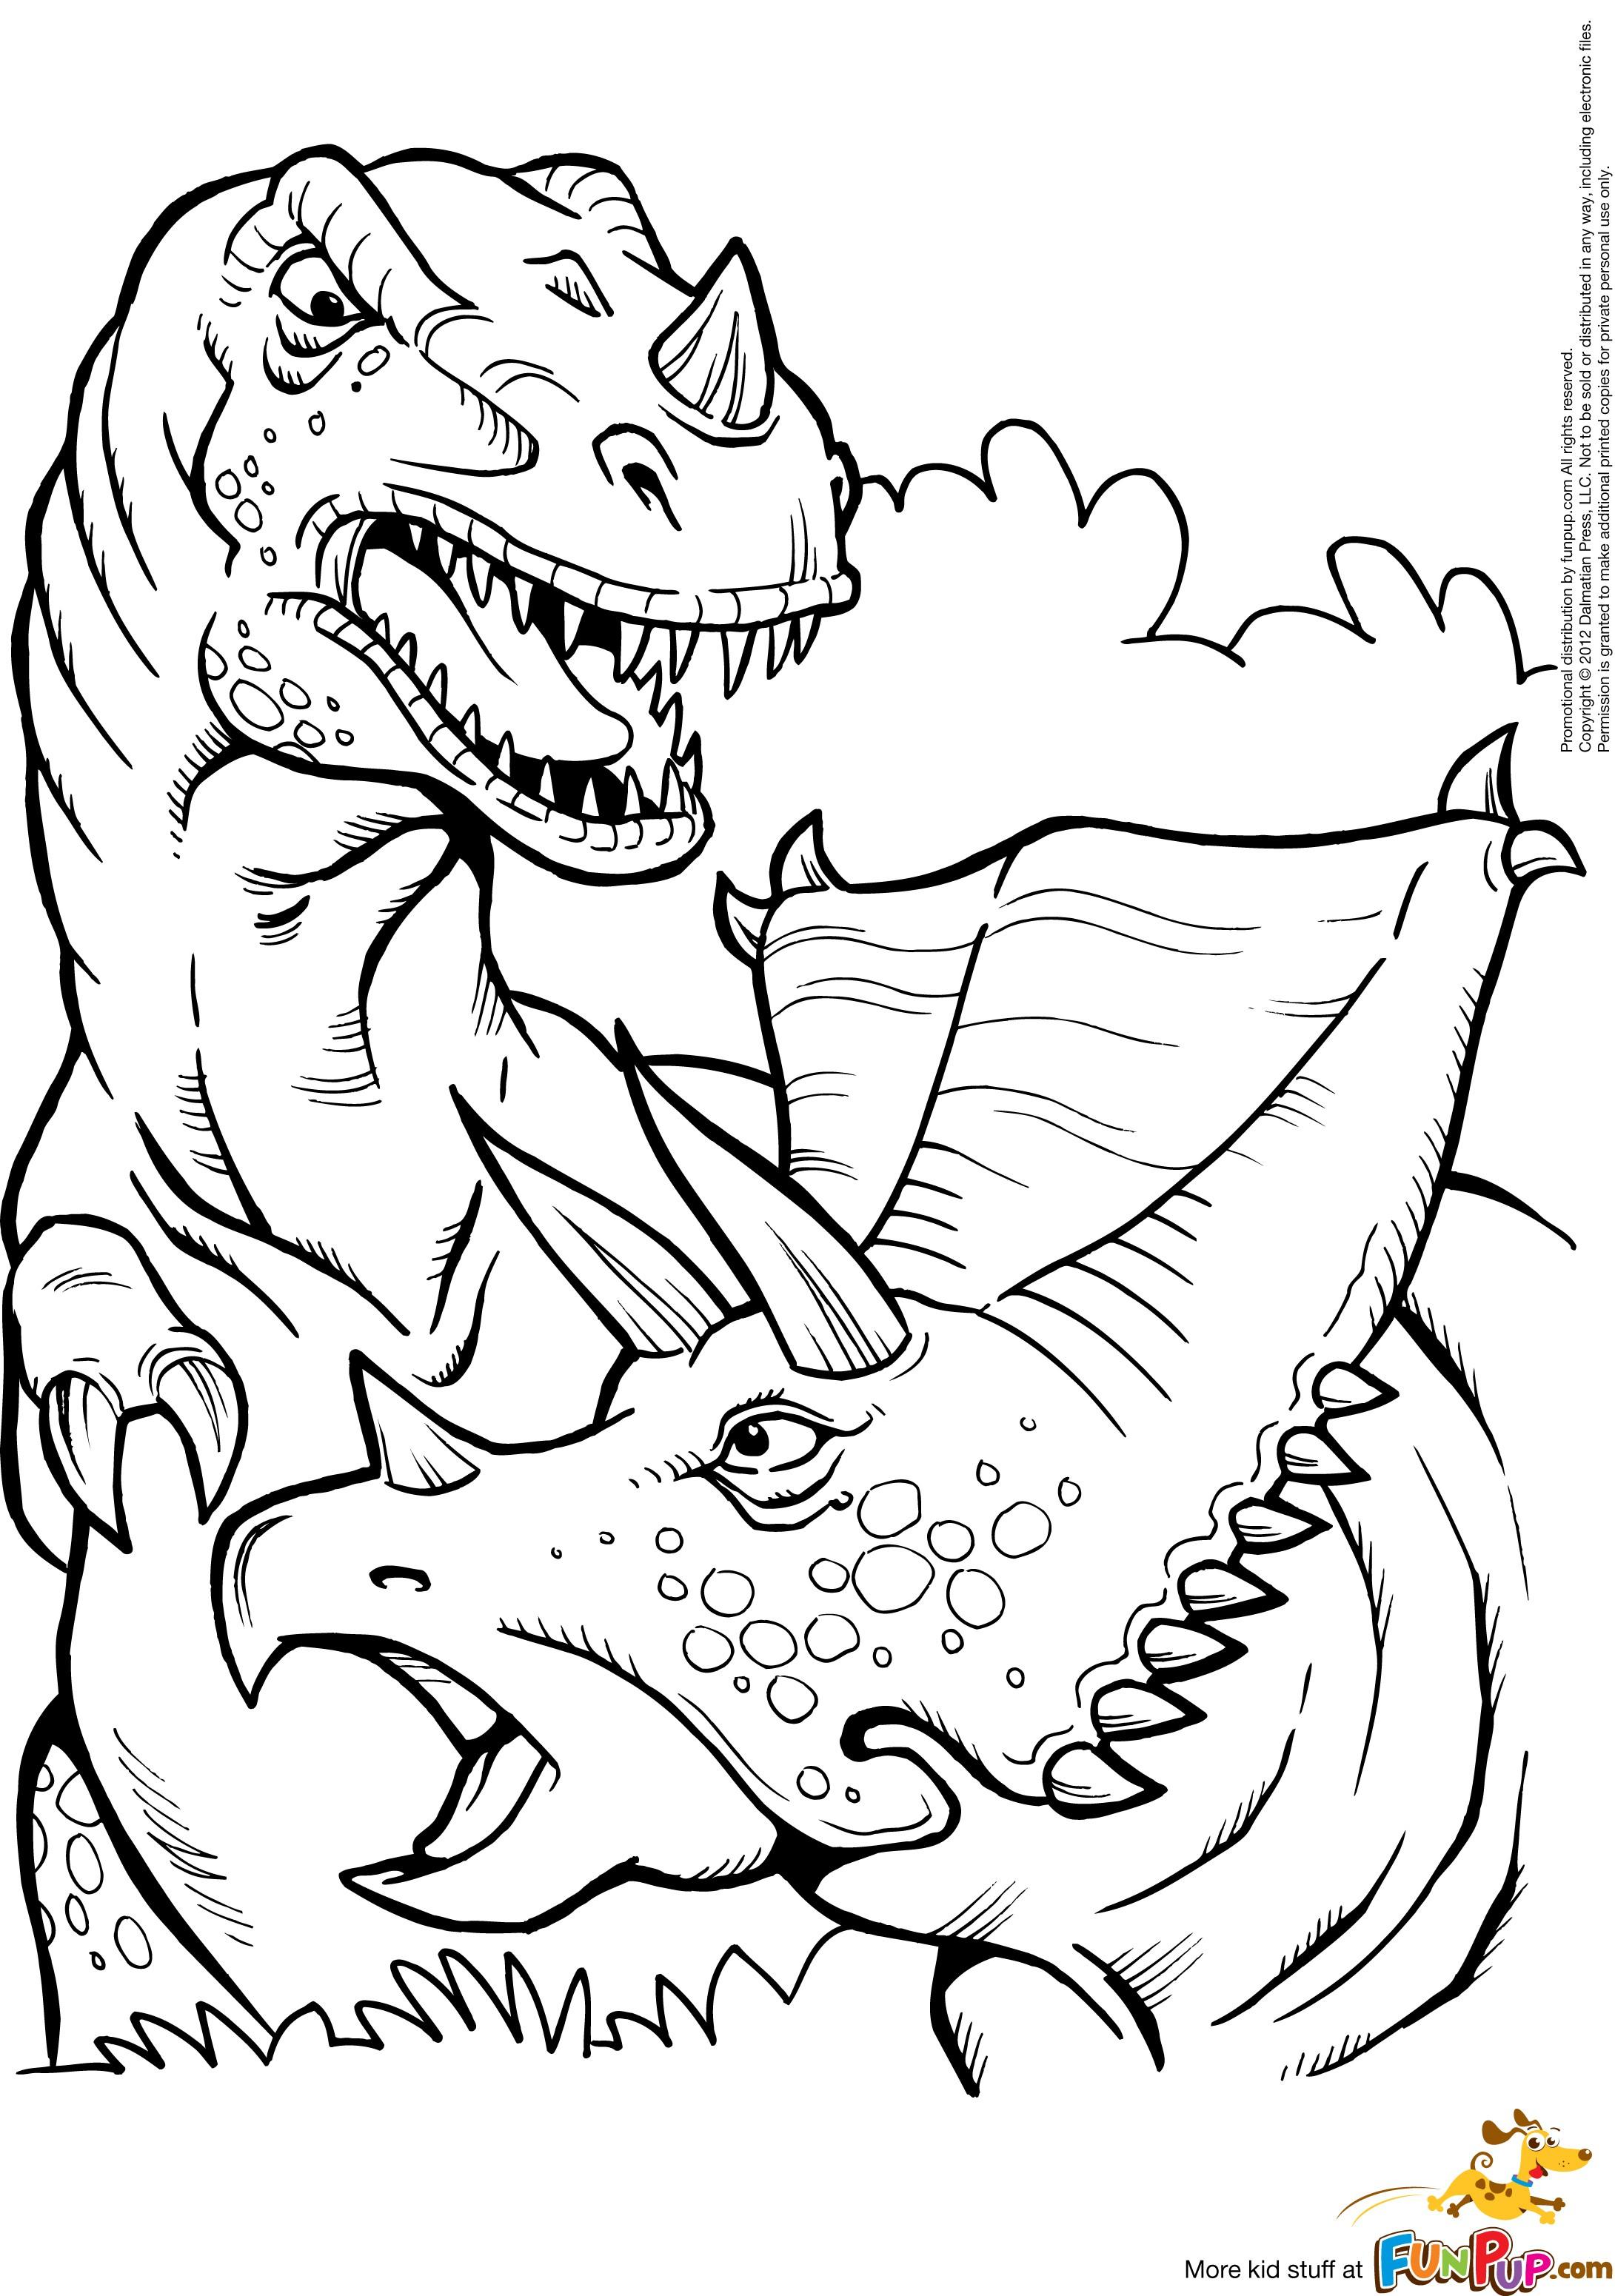 kleurplaat dinosaurus t rex  28 afbeeldingen